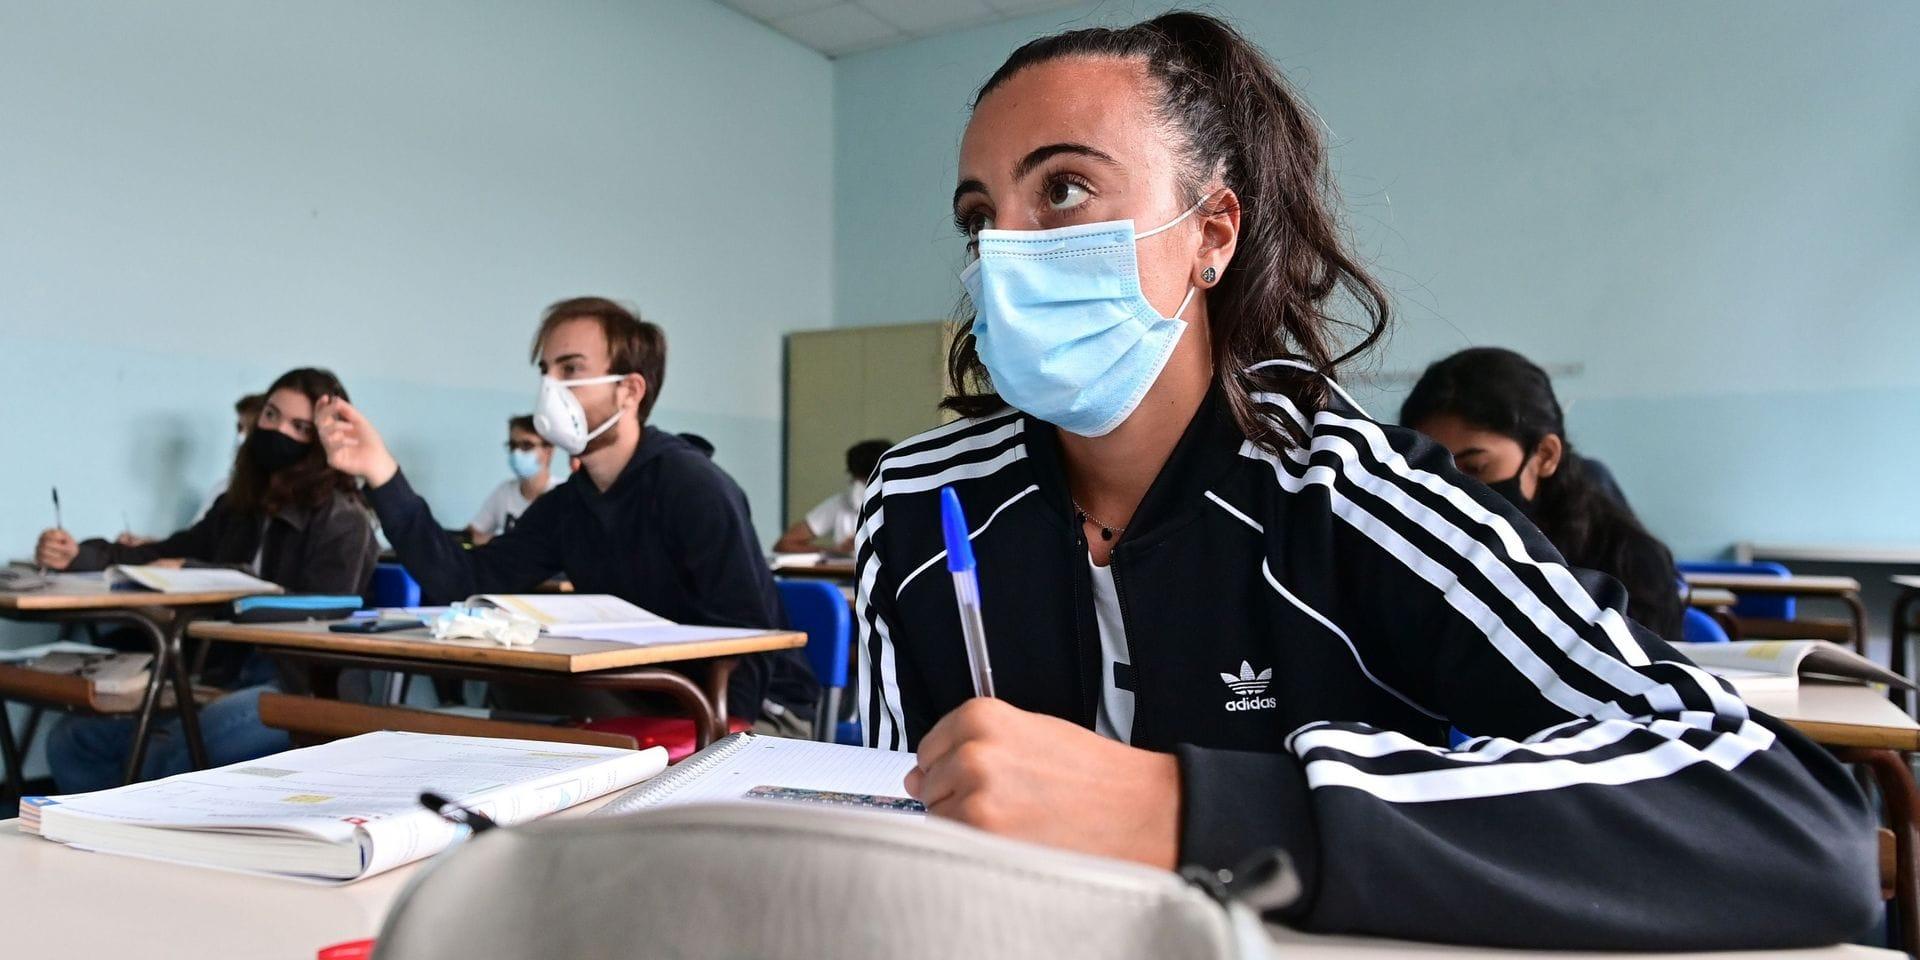 Coronavirus : les infections ont surtout lieu au travail et à l'école